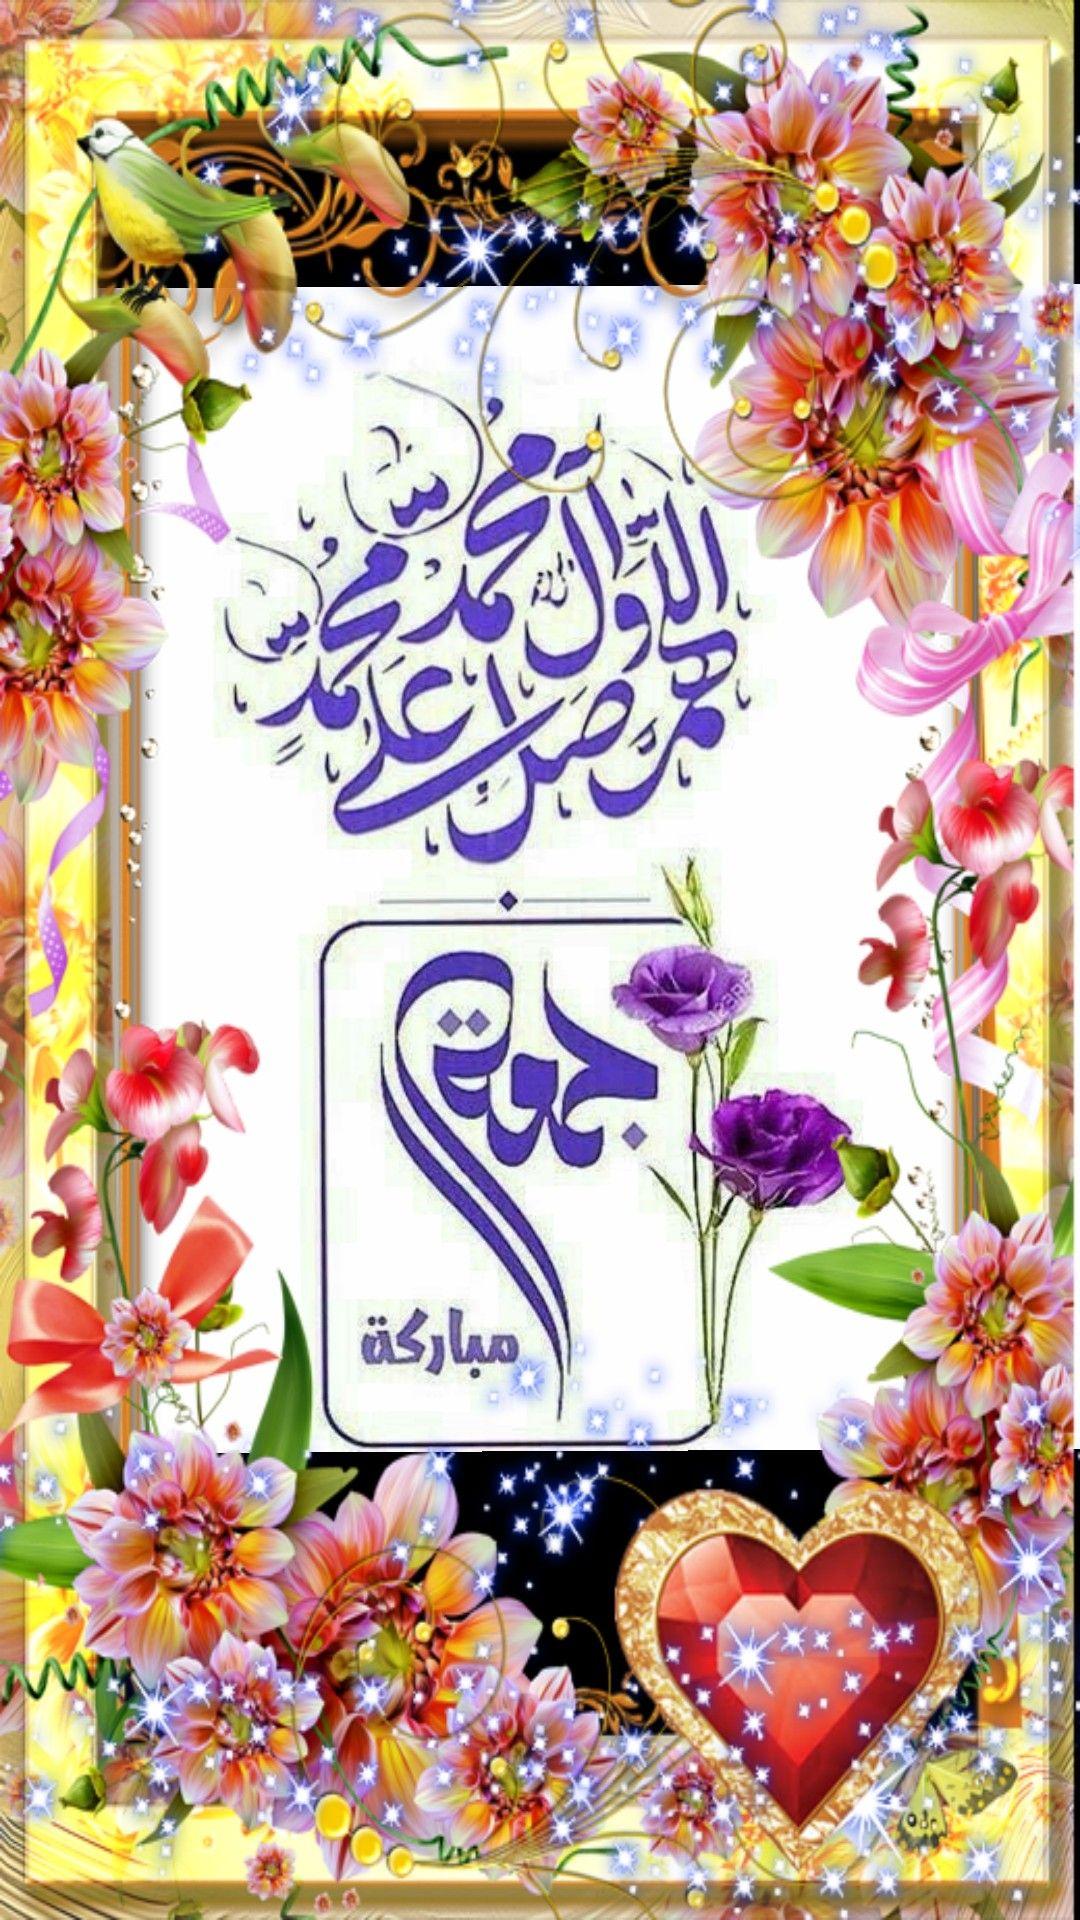 اللهم صل على محمد وآل محمد وعجل فرجهم جمعة مباركة اللهم صل